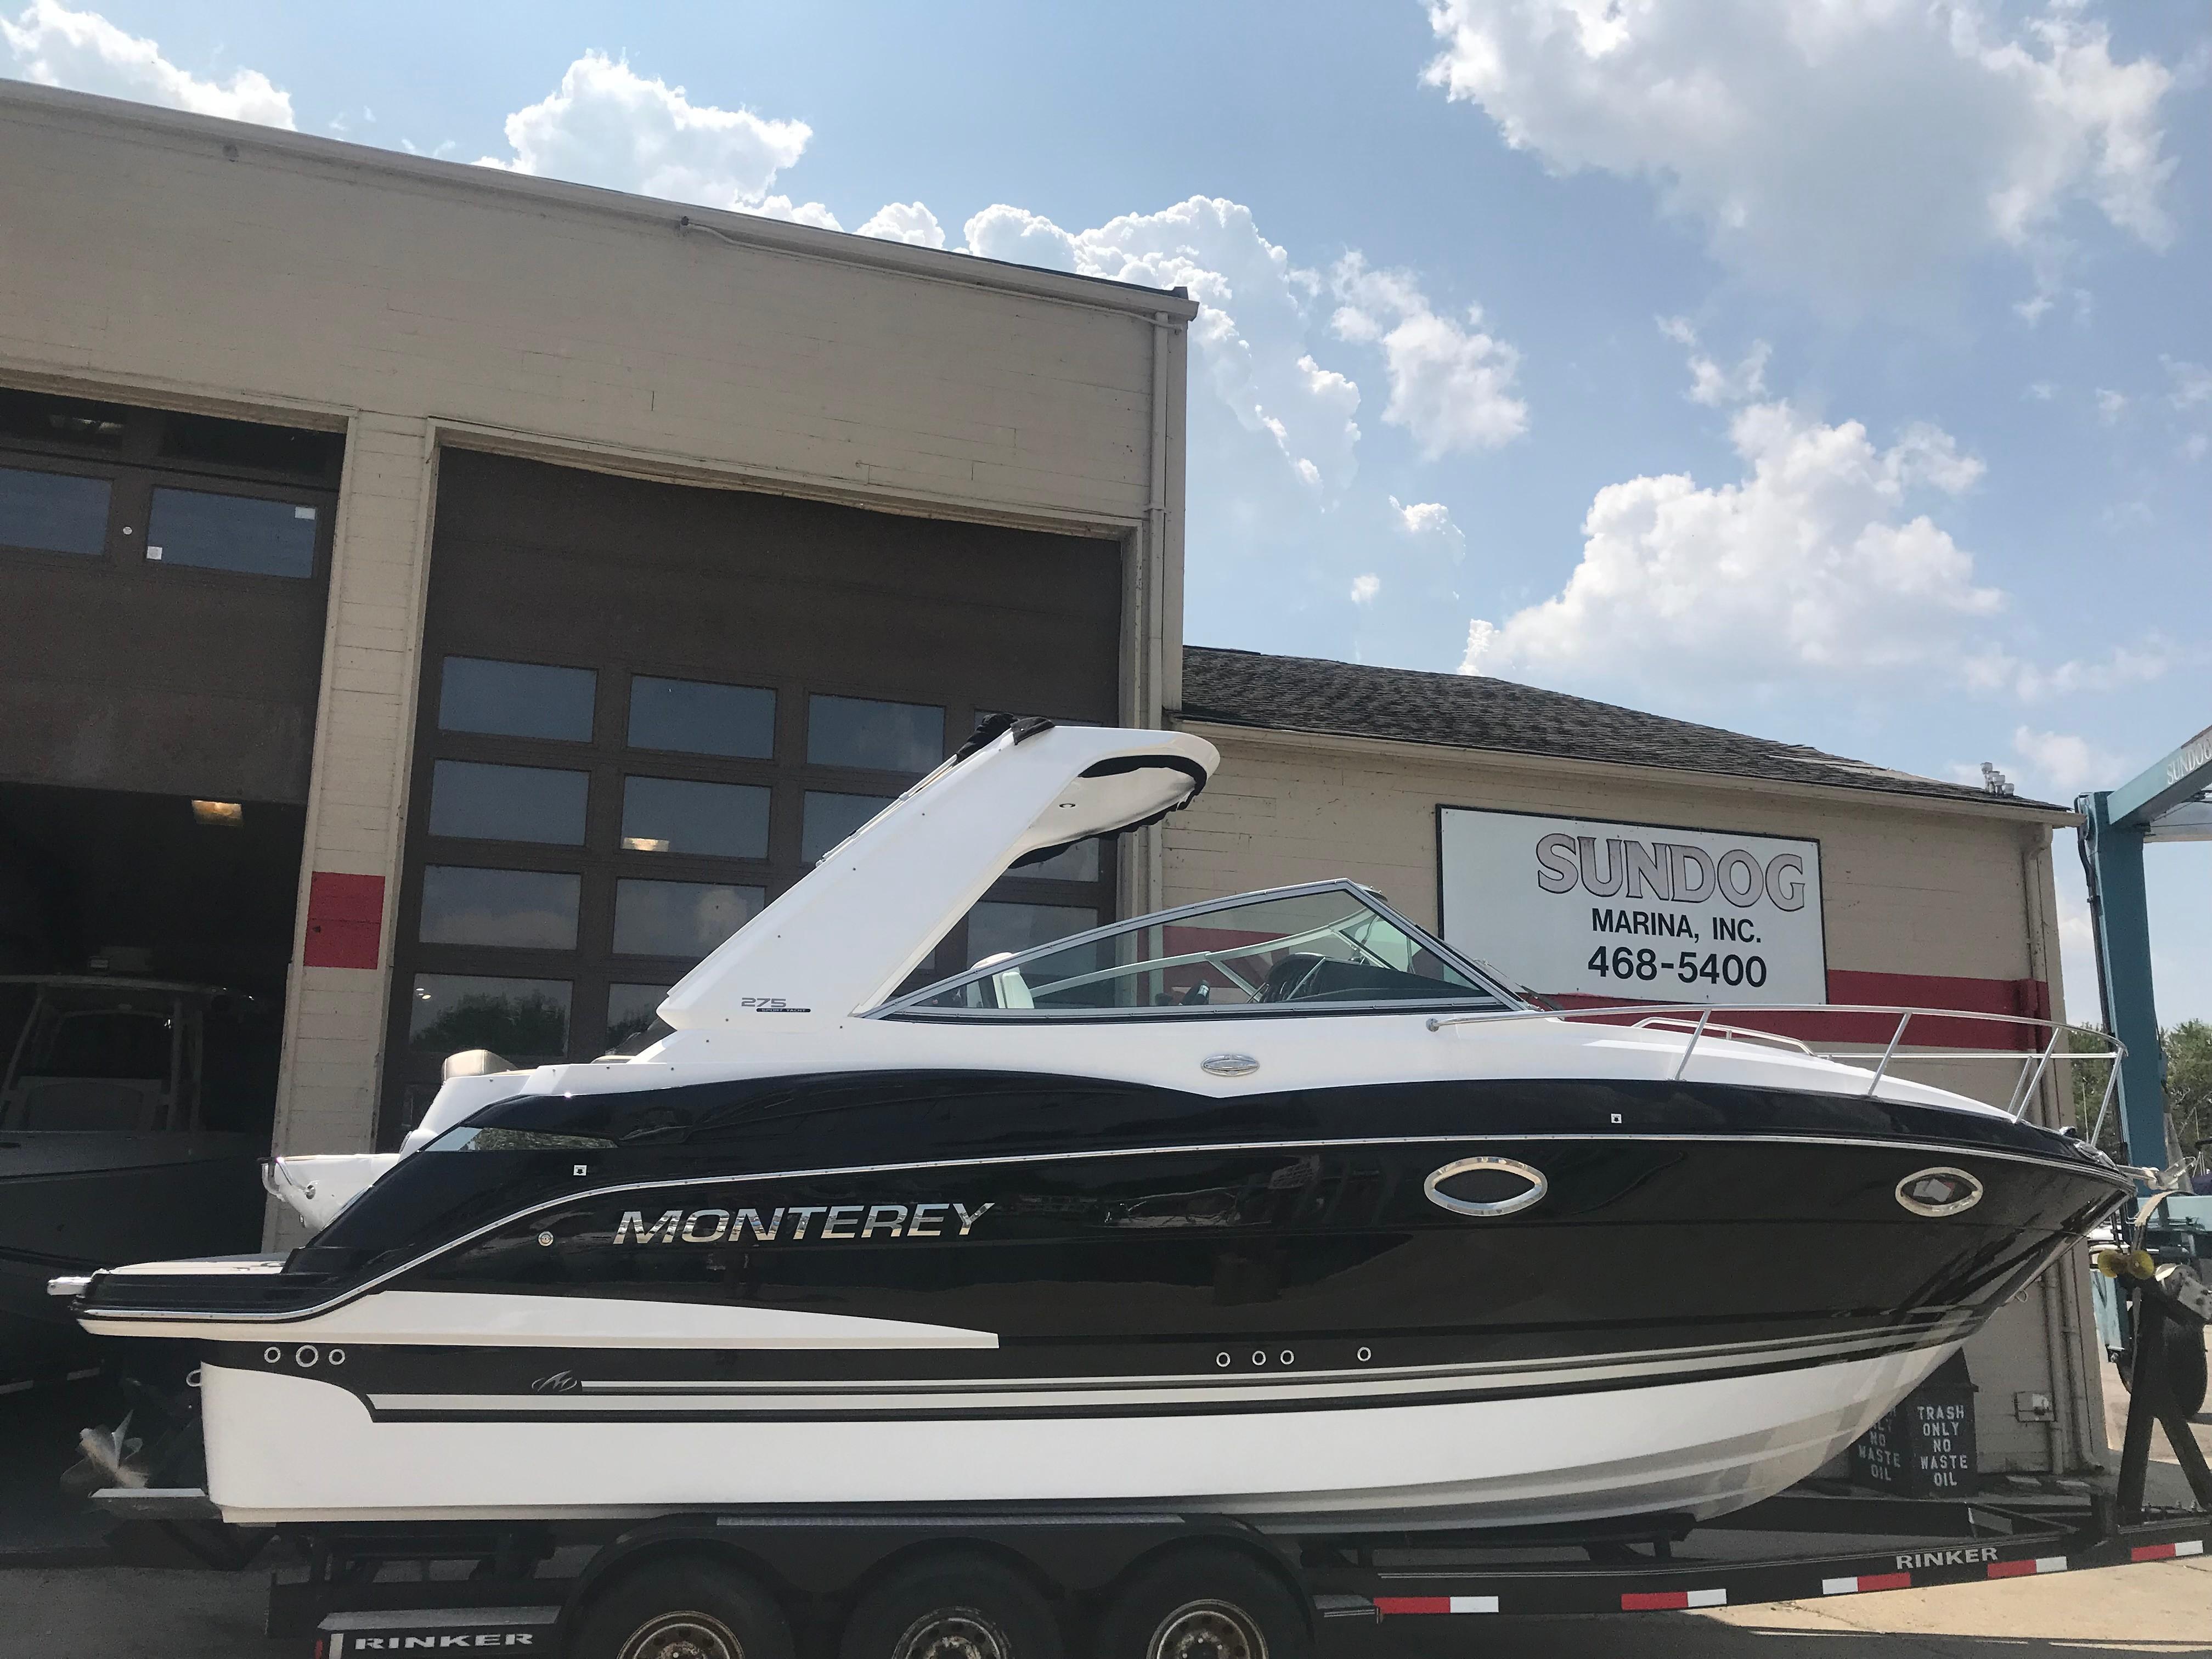 Monterey275 Sport Yacht